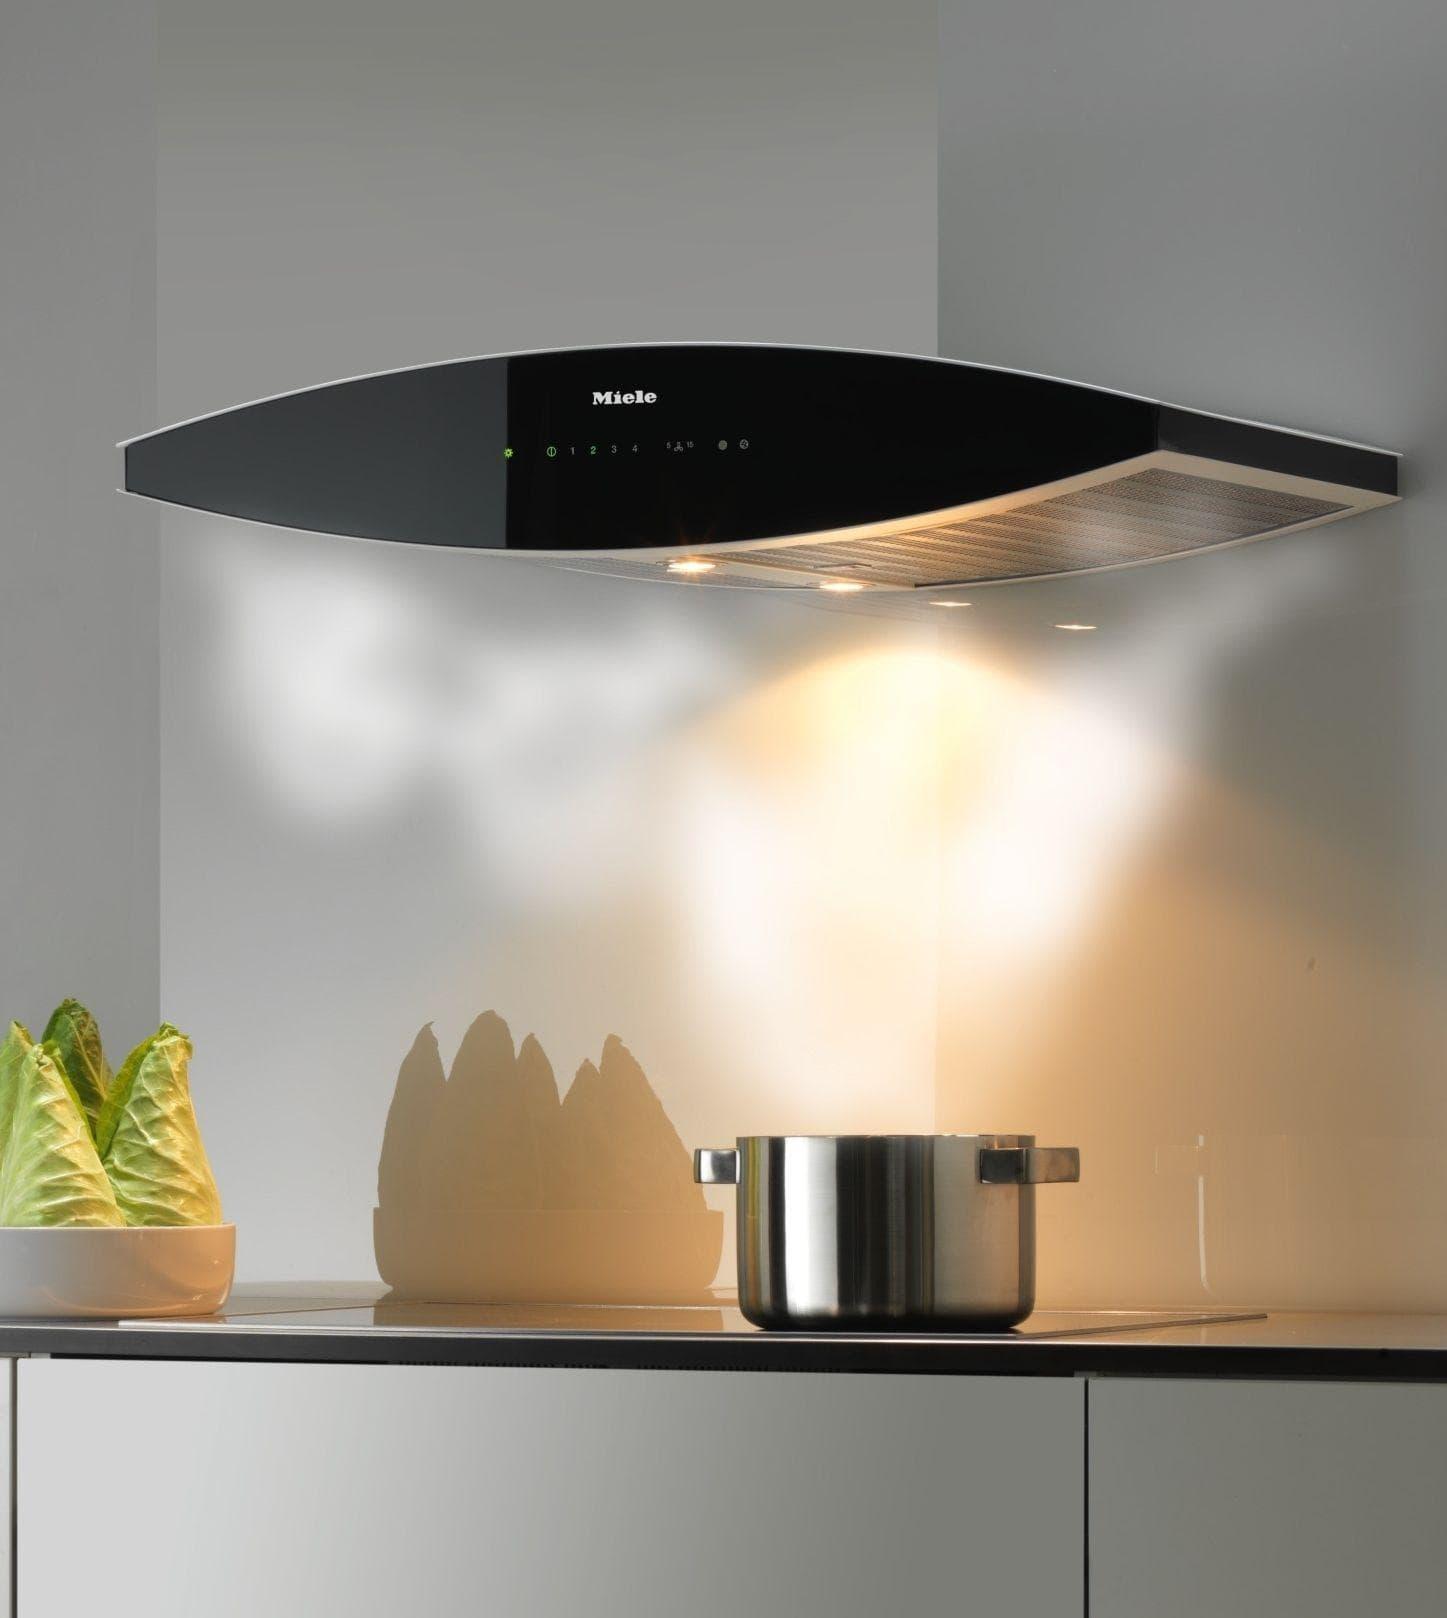 Угольные фильтры для вытяжки варианты для встраиваемых устройств без отвода лучшие универсальные фильтрующие элементы для кухни отзывы